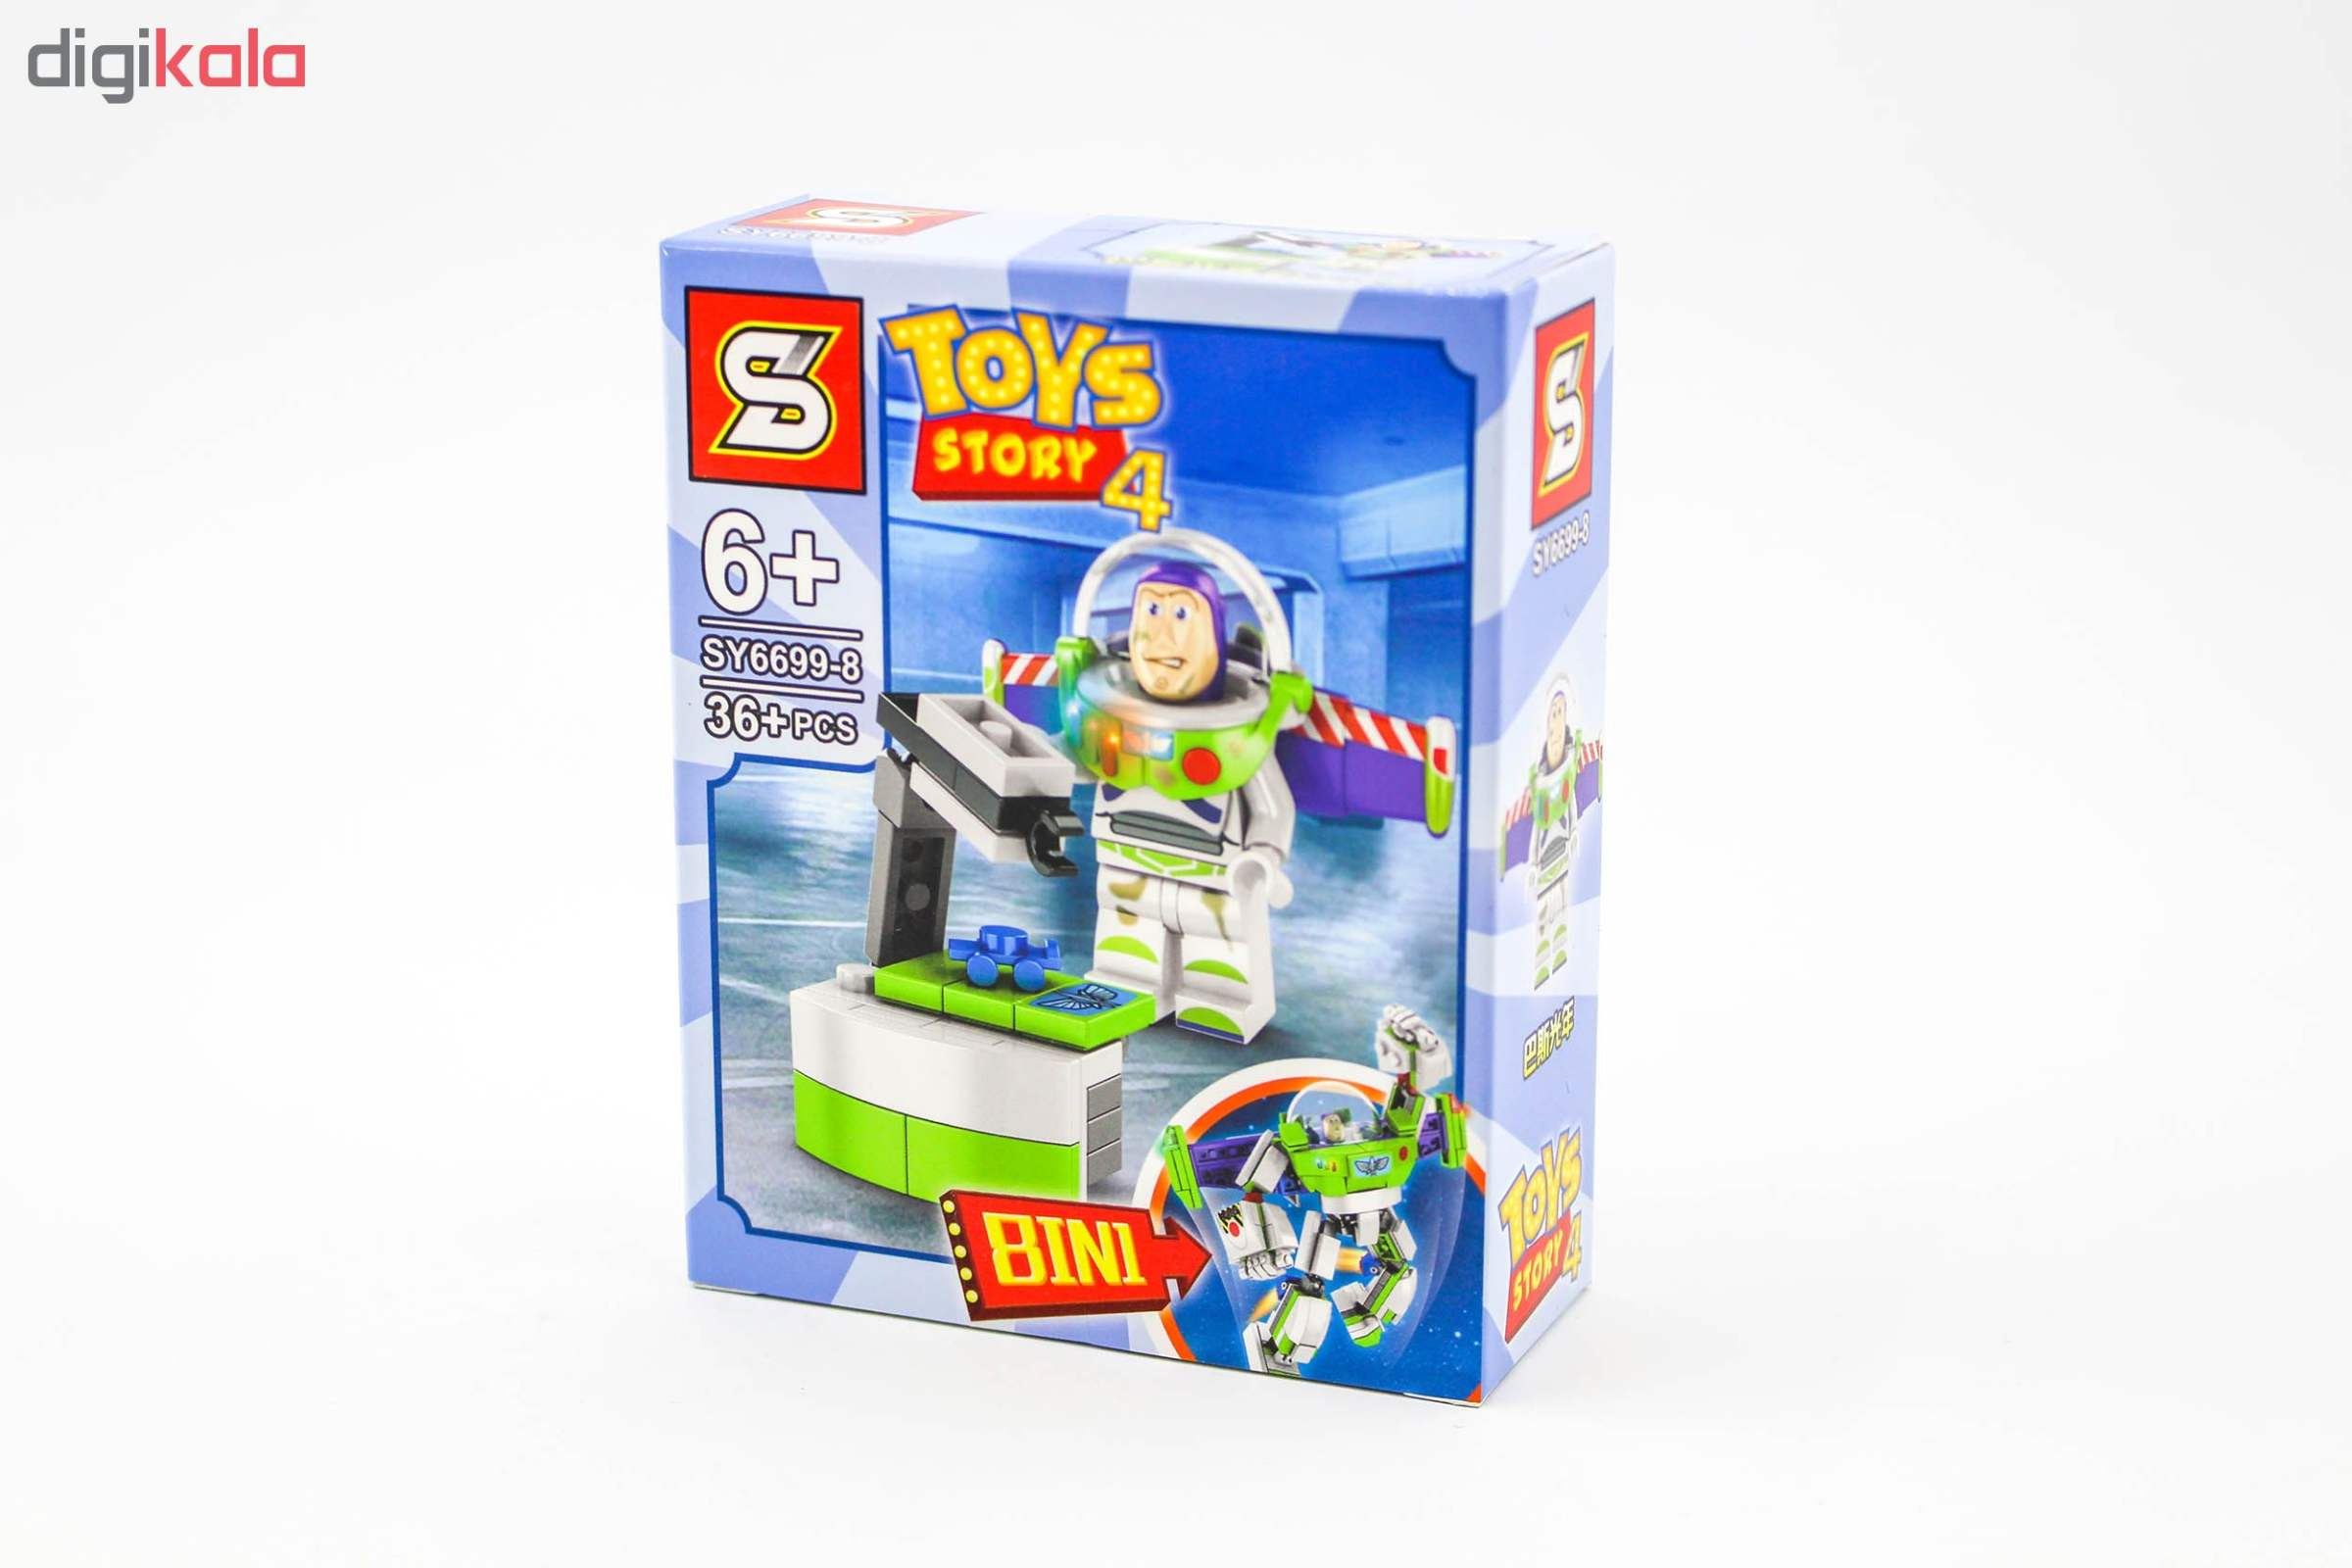 ساختنی اس وای مدل داستان اسباب بازی ها 4 باز لایتیر کد SY6699-8